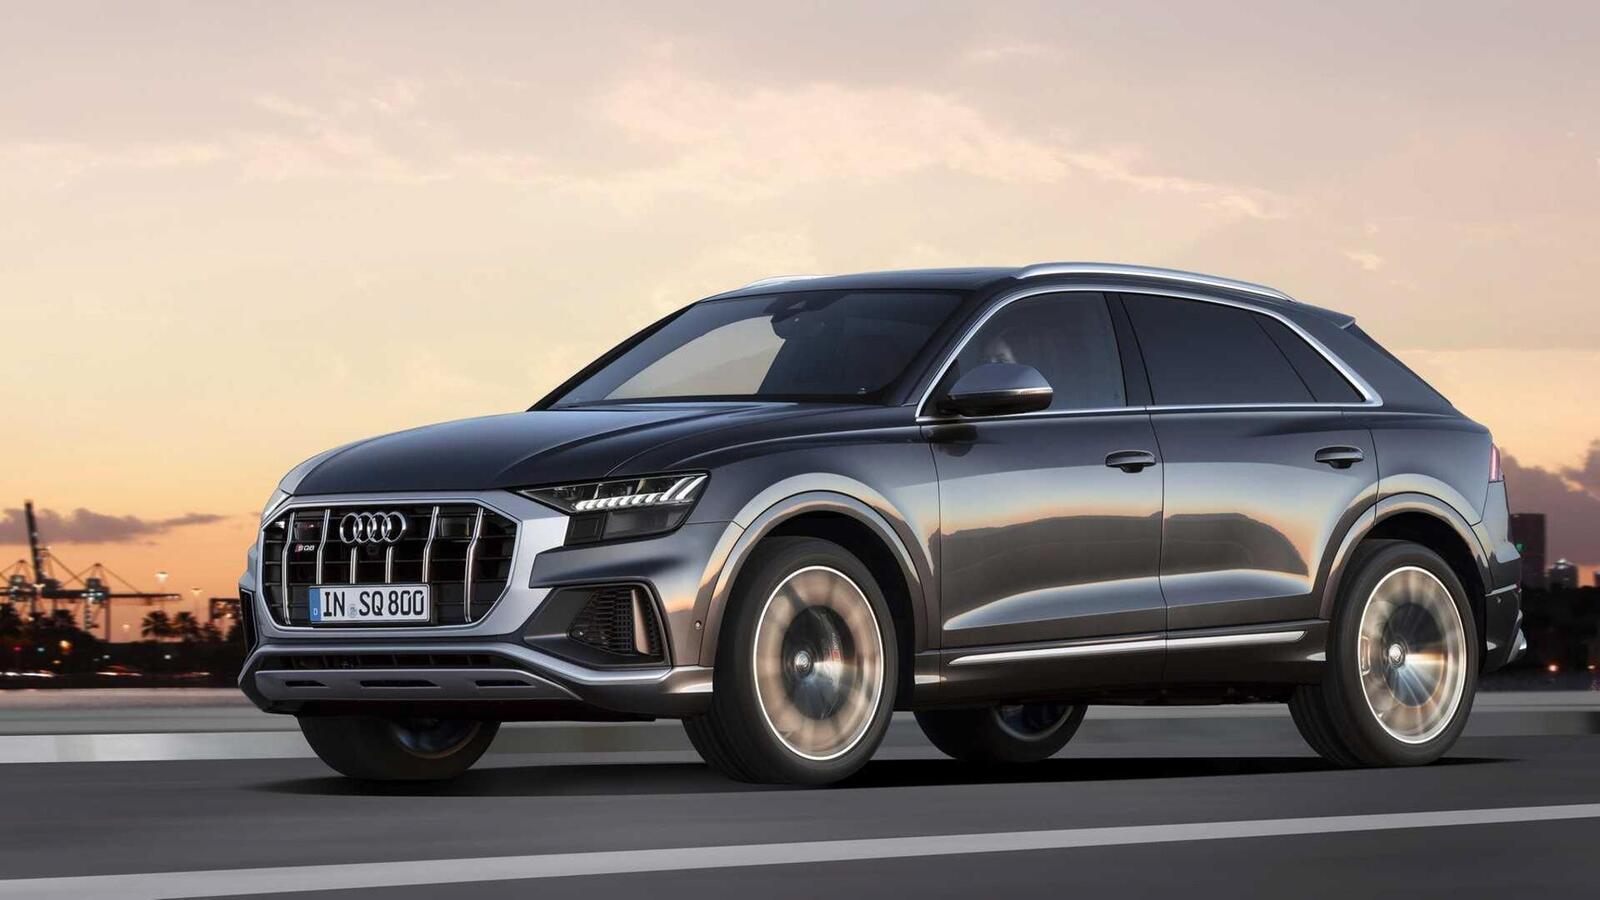 Audi SQ8 ra mắt lắp máy dầu V8 4.0L mild hybrid mạnh 429 mã lực - Hình 15